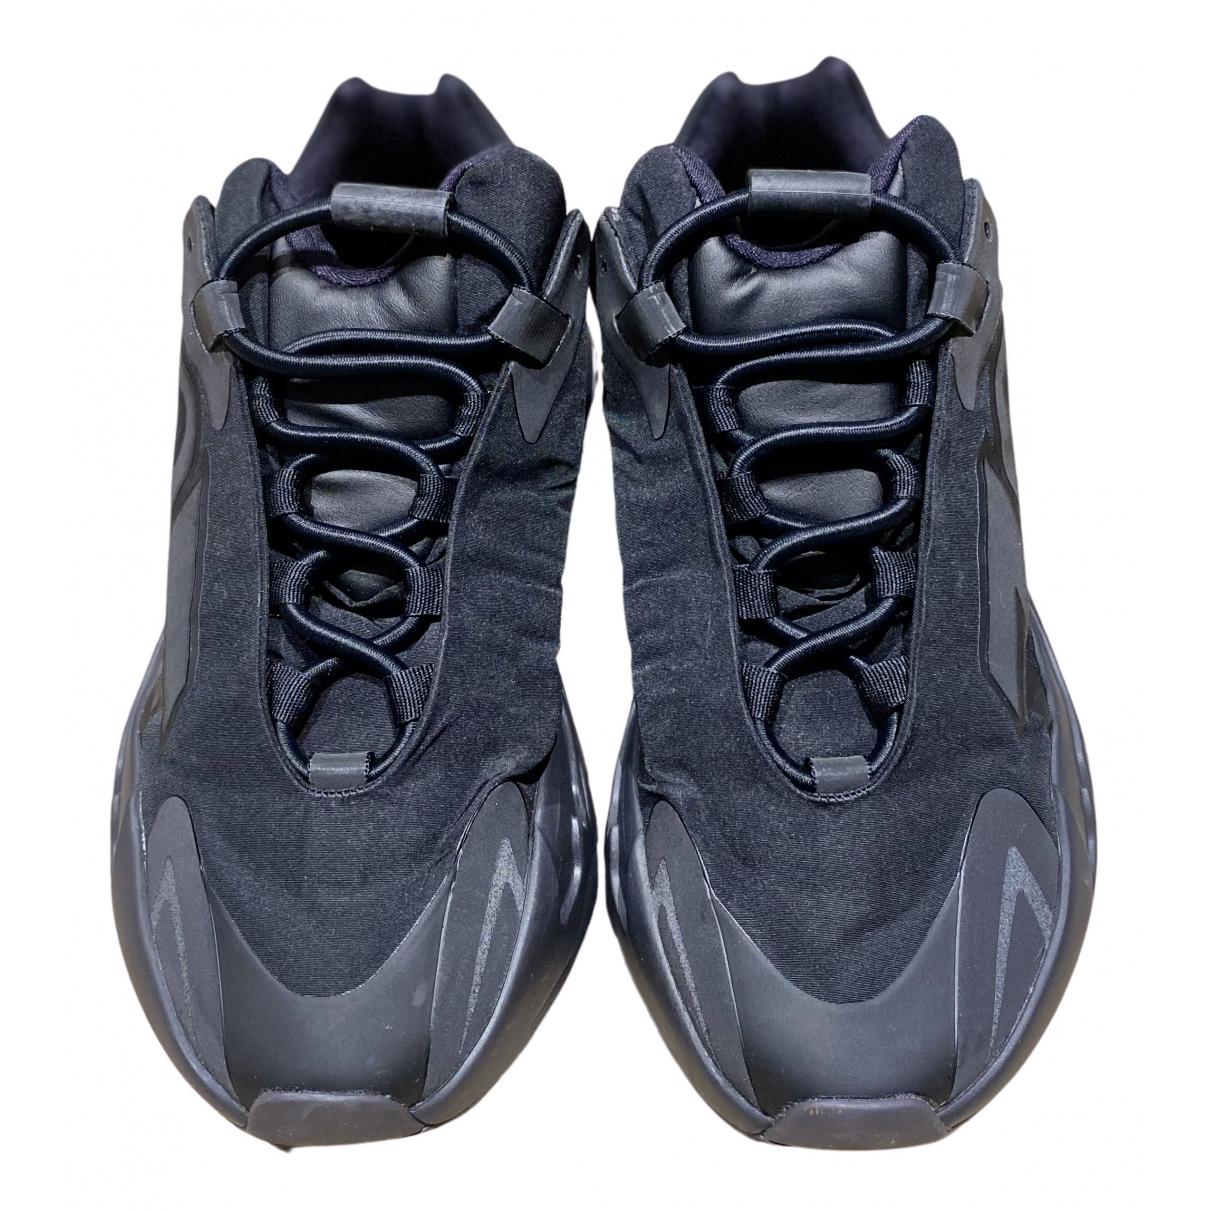 Yeezy X Adidas - Baskets 700 MNVN PHOSPHOR pour femme en toile - noir